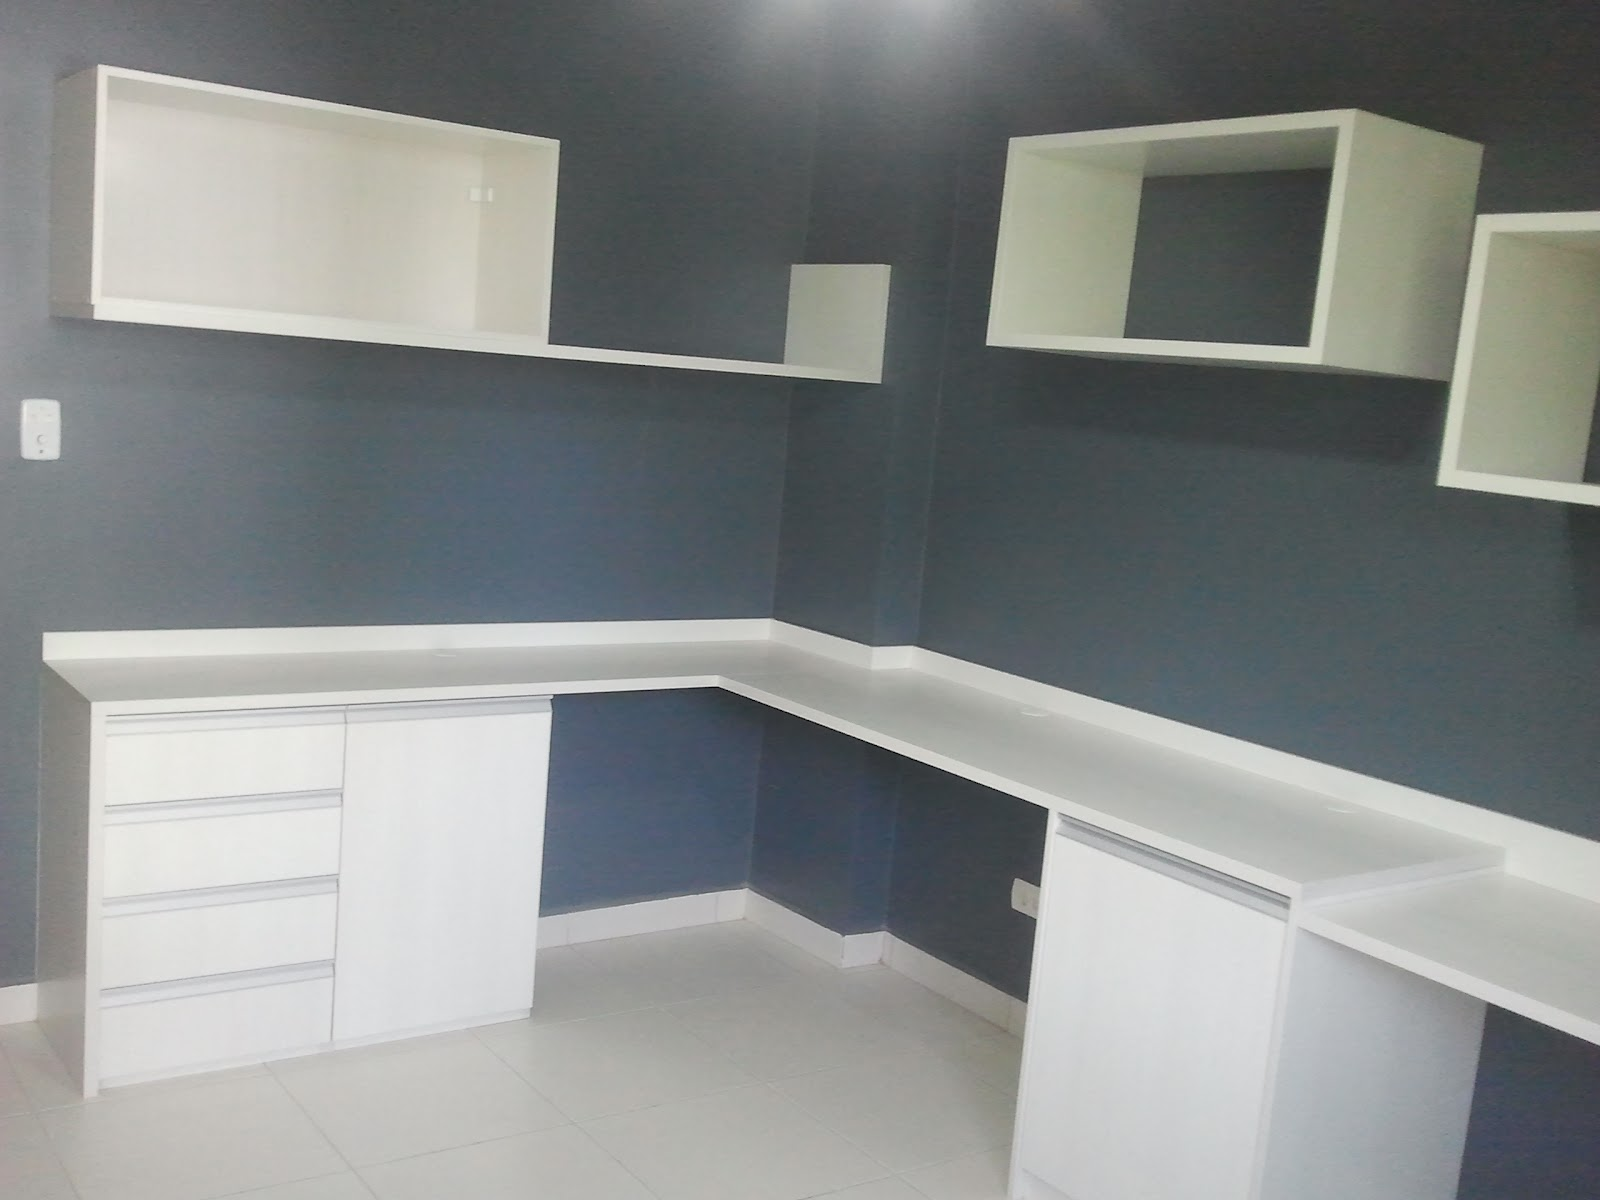 Armario De Parede Com Nicho : Fim da montagem do home office e mesa retr?til na cozinha